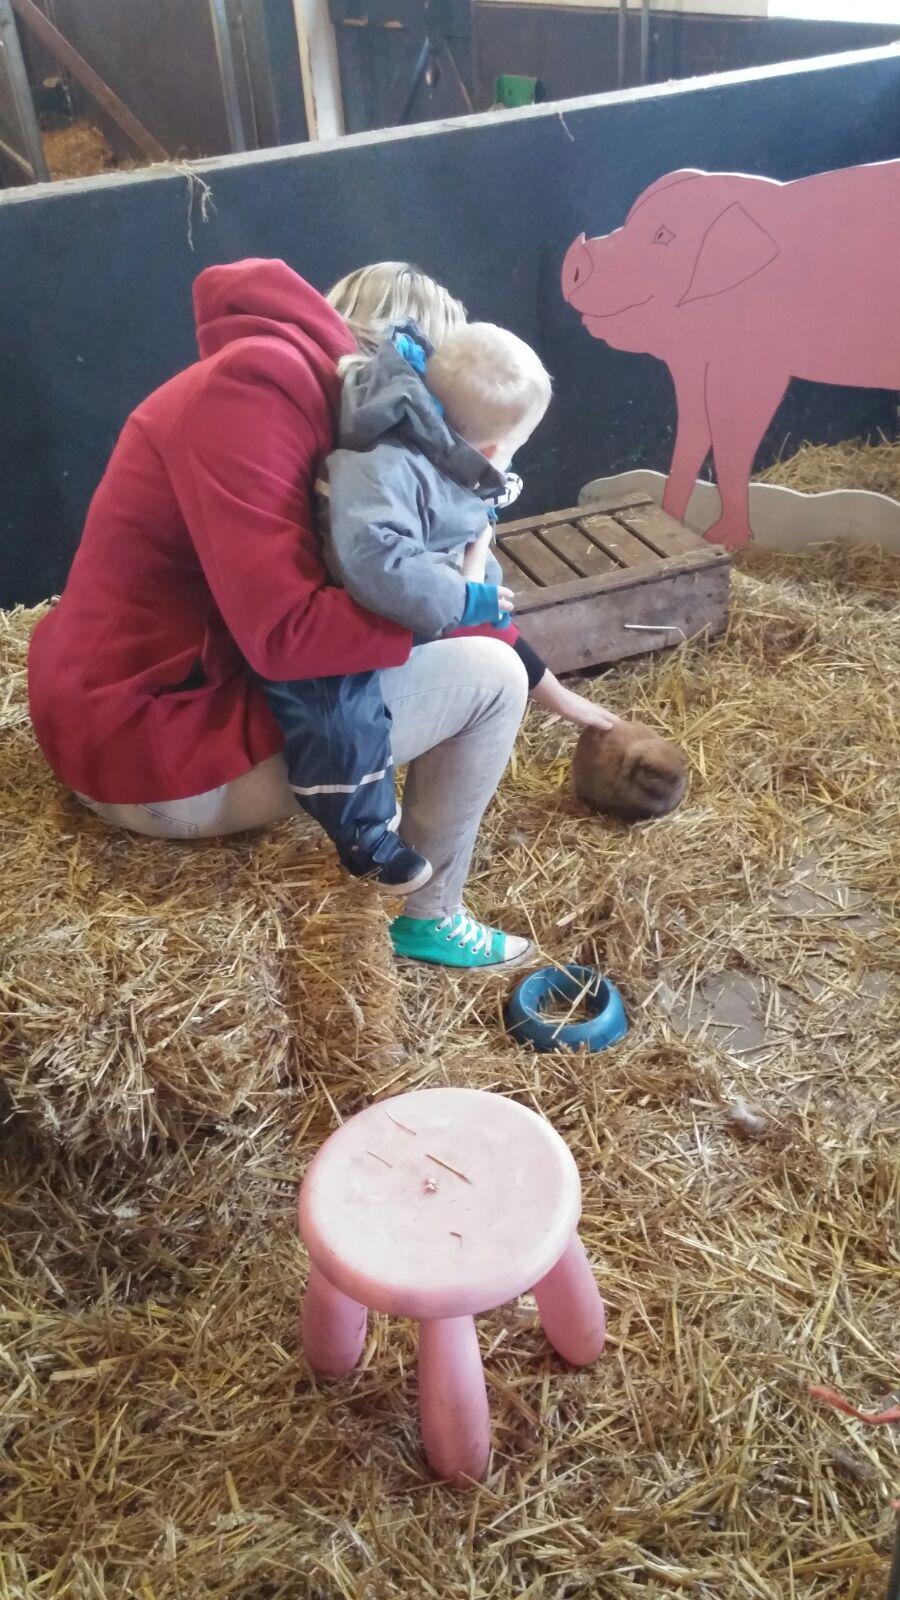 'Op bezoek bij de stadsboerderij in Leidschenveen' Sebastiaan bezoekt voor het eerst in zijn leven een stadsboerderij. Geiten, konijnen, kippen, een koe: hij vindt het allemaal prima, maar dat hooi… Lees het hier: http://bit.ly/StadsboerderijLV